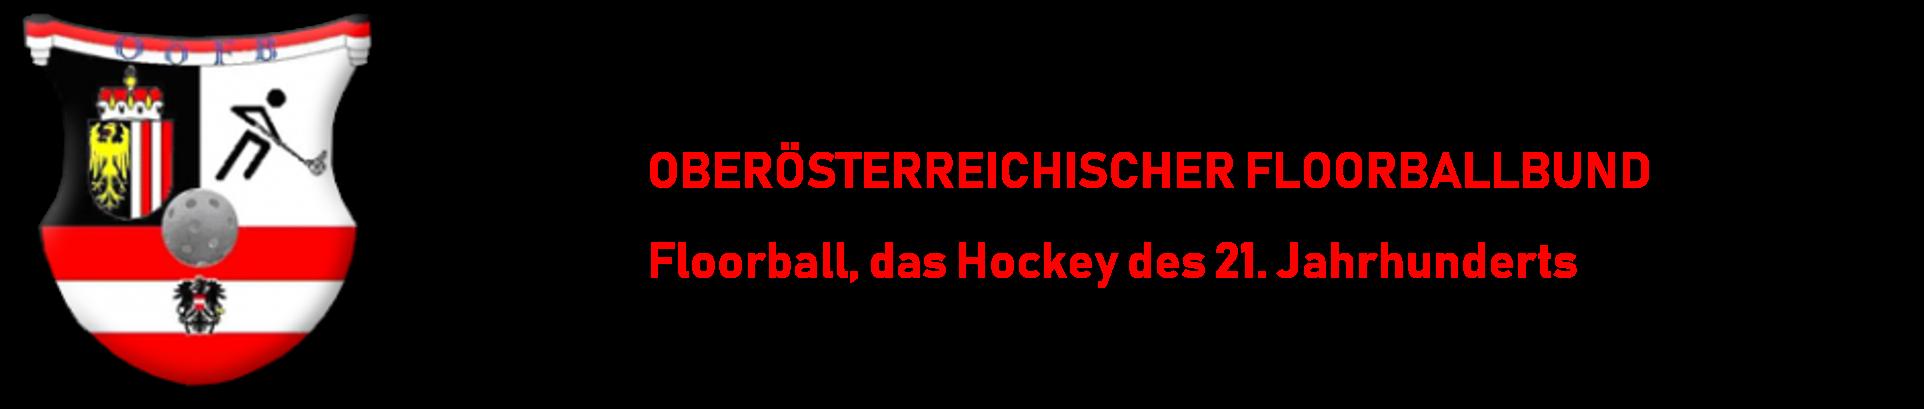 Oberösterreichischer Floorballbund